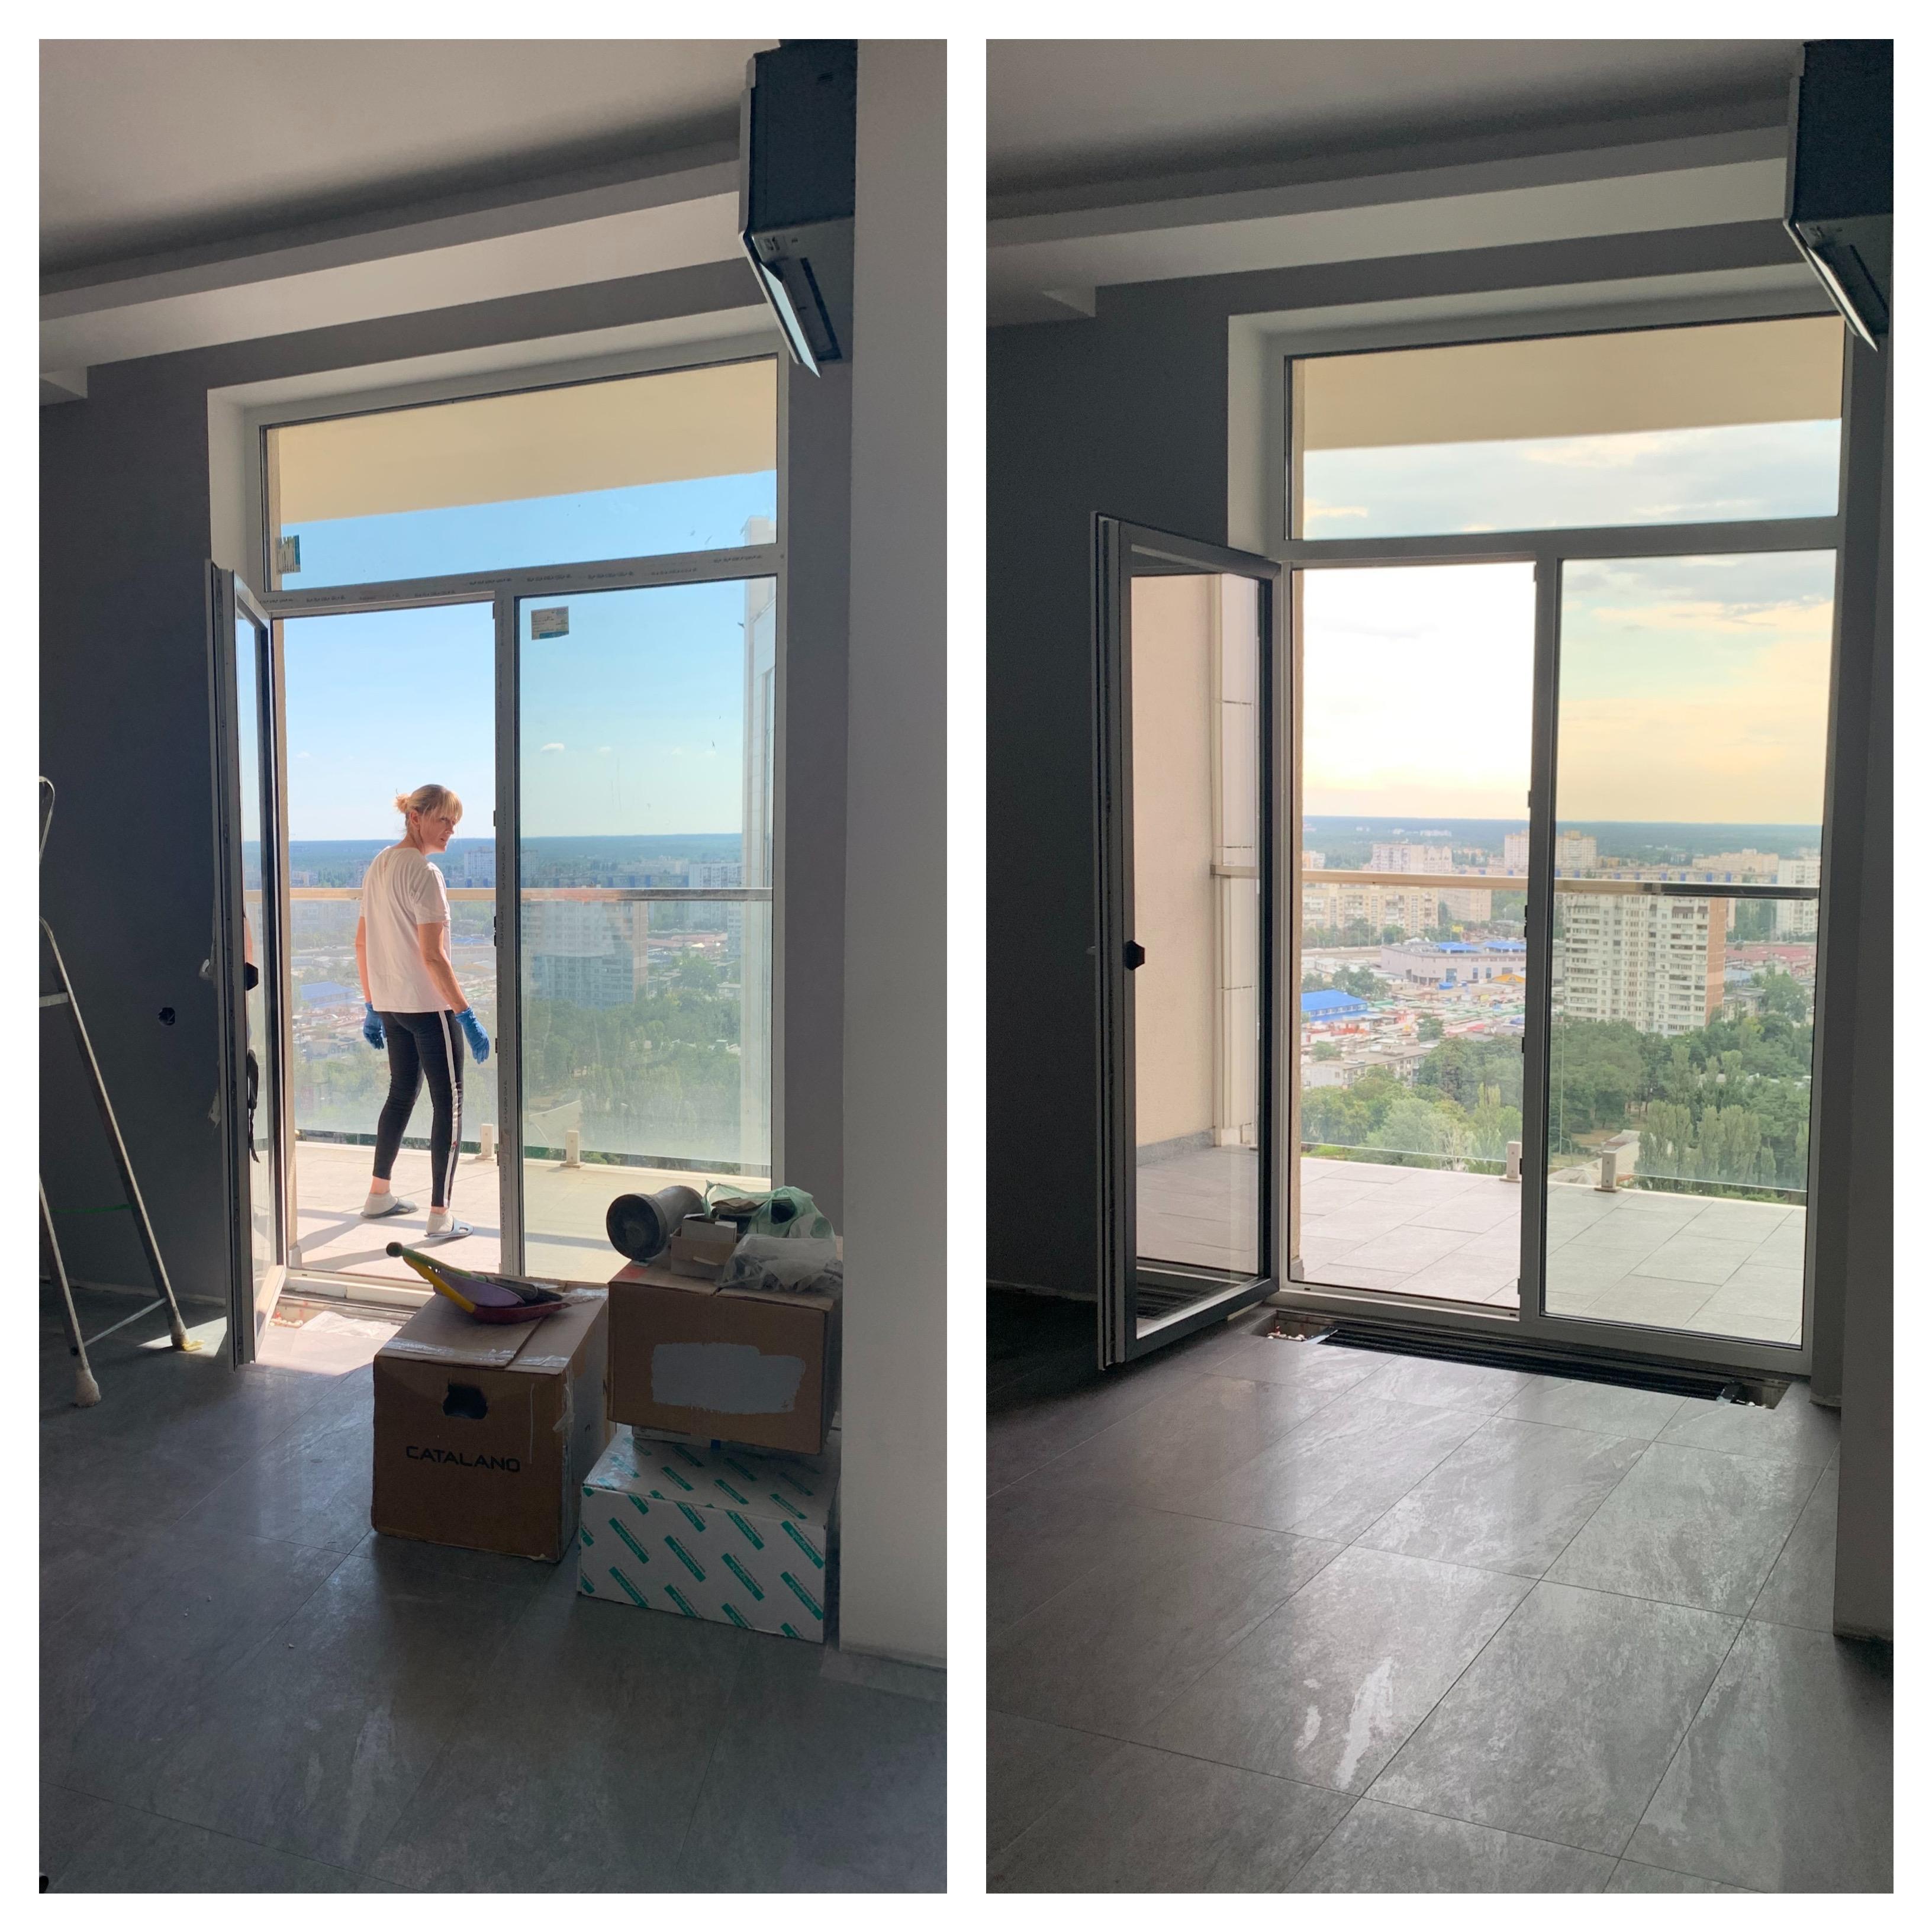 Фото Уборка после ремонта 2-х уровневой Квартиры с мытьем панорамных окон и балкона.  Максимальное удаление пыли и других строй загрязнений. 98 квадратов. Работало 5 специалистов. Уборка тщательная, под ключ